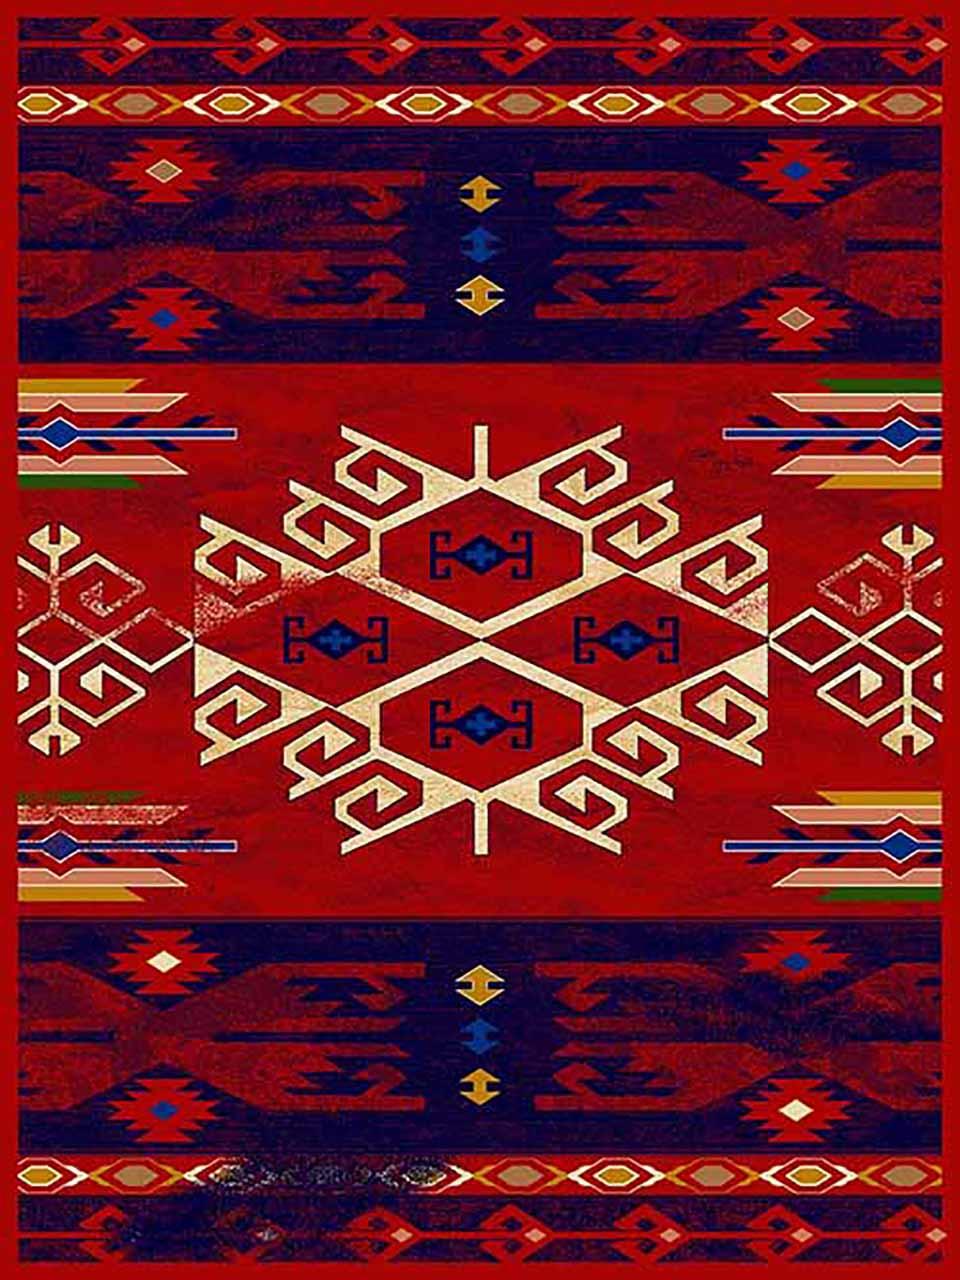 فرش (271) پلی پروپیلن - 8 رنگ - 320 شانه - لاکی - تراکم 960